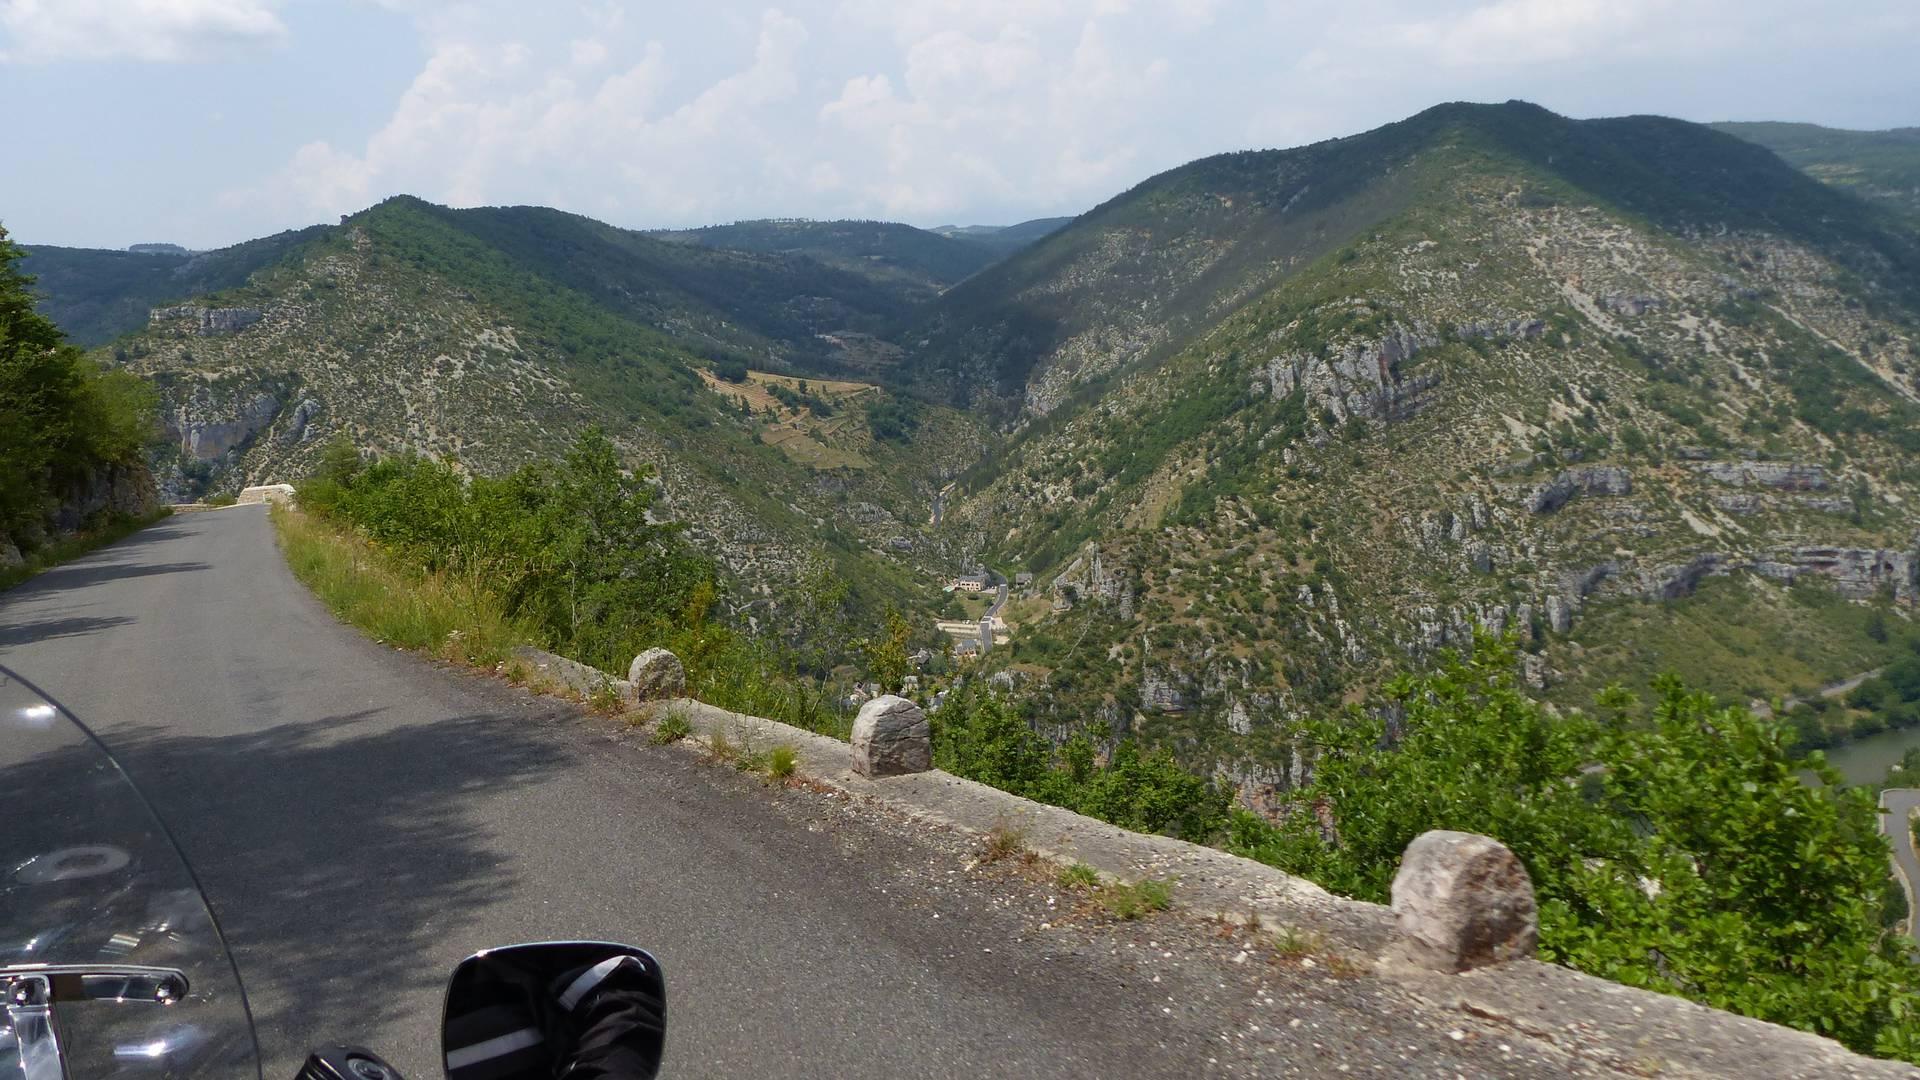 De Millau aux gorges du tarn à moto